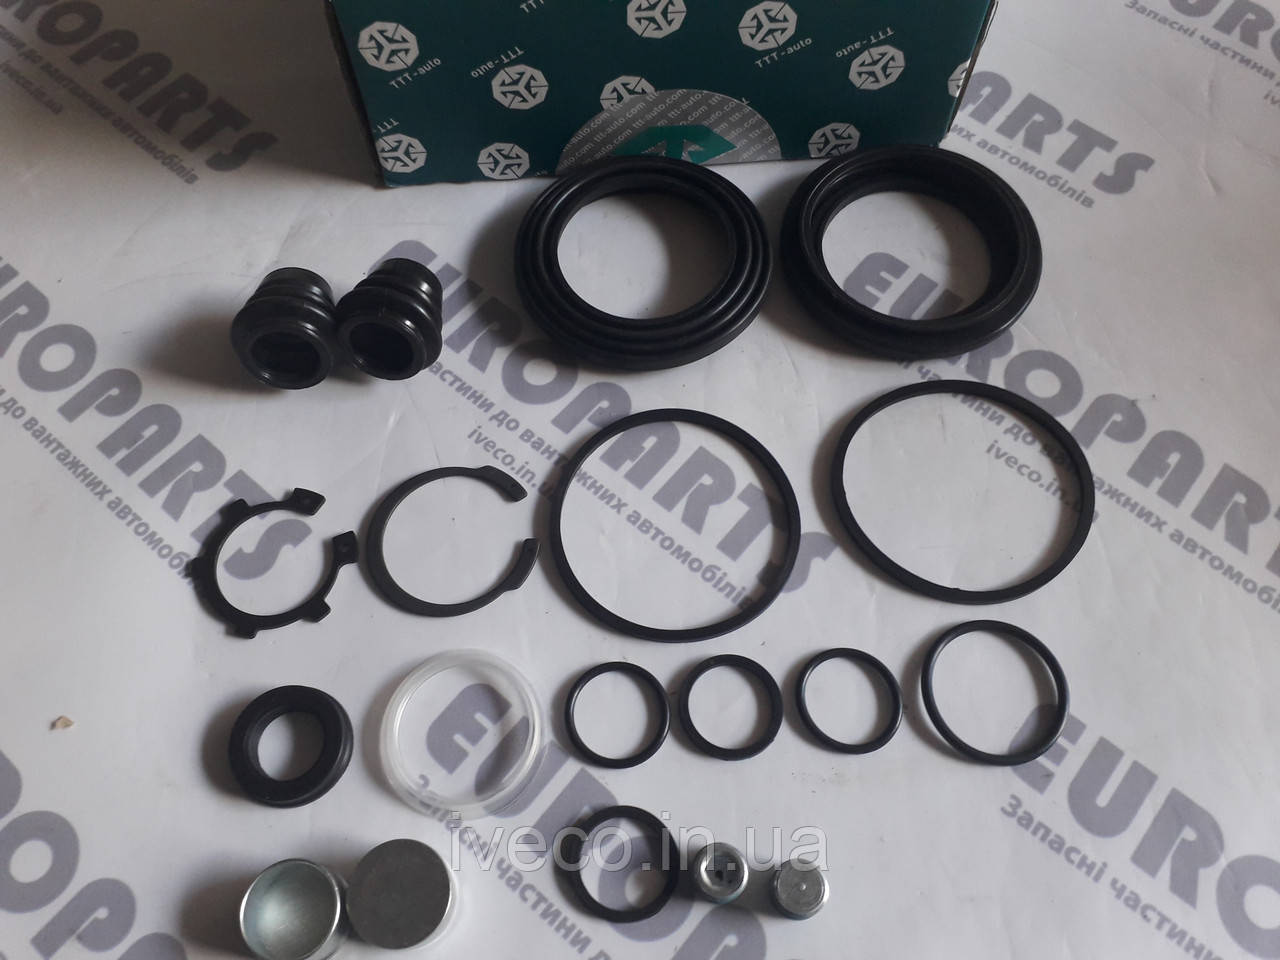 Ремкомплект гальмівного супорта IVECO EuroCargo, 93161471, 93161034, AUG55179